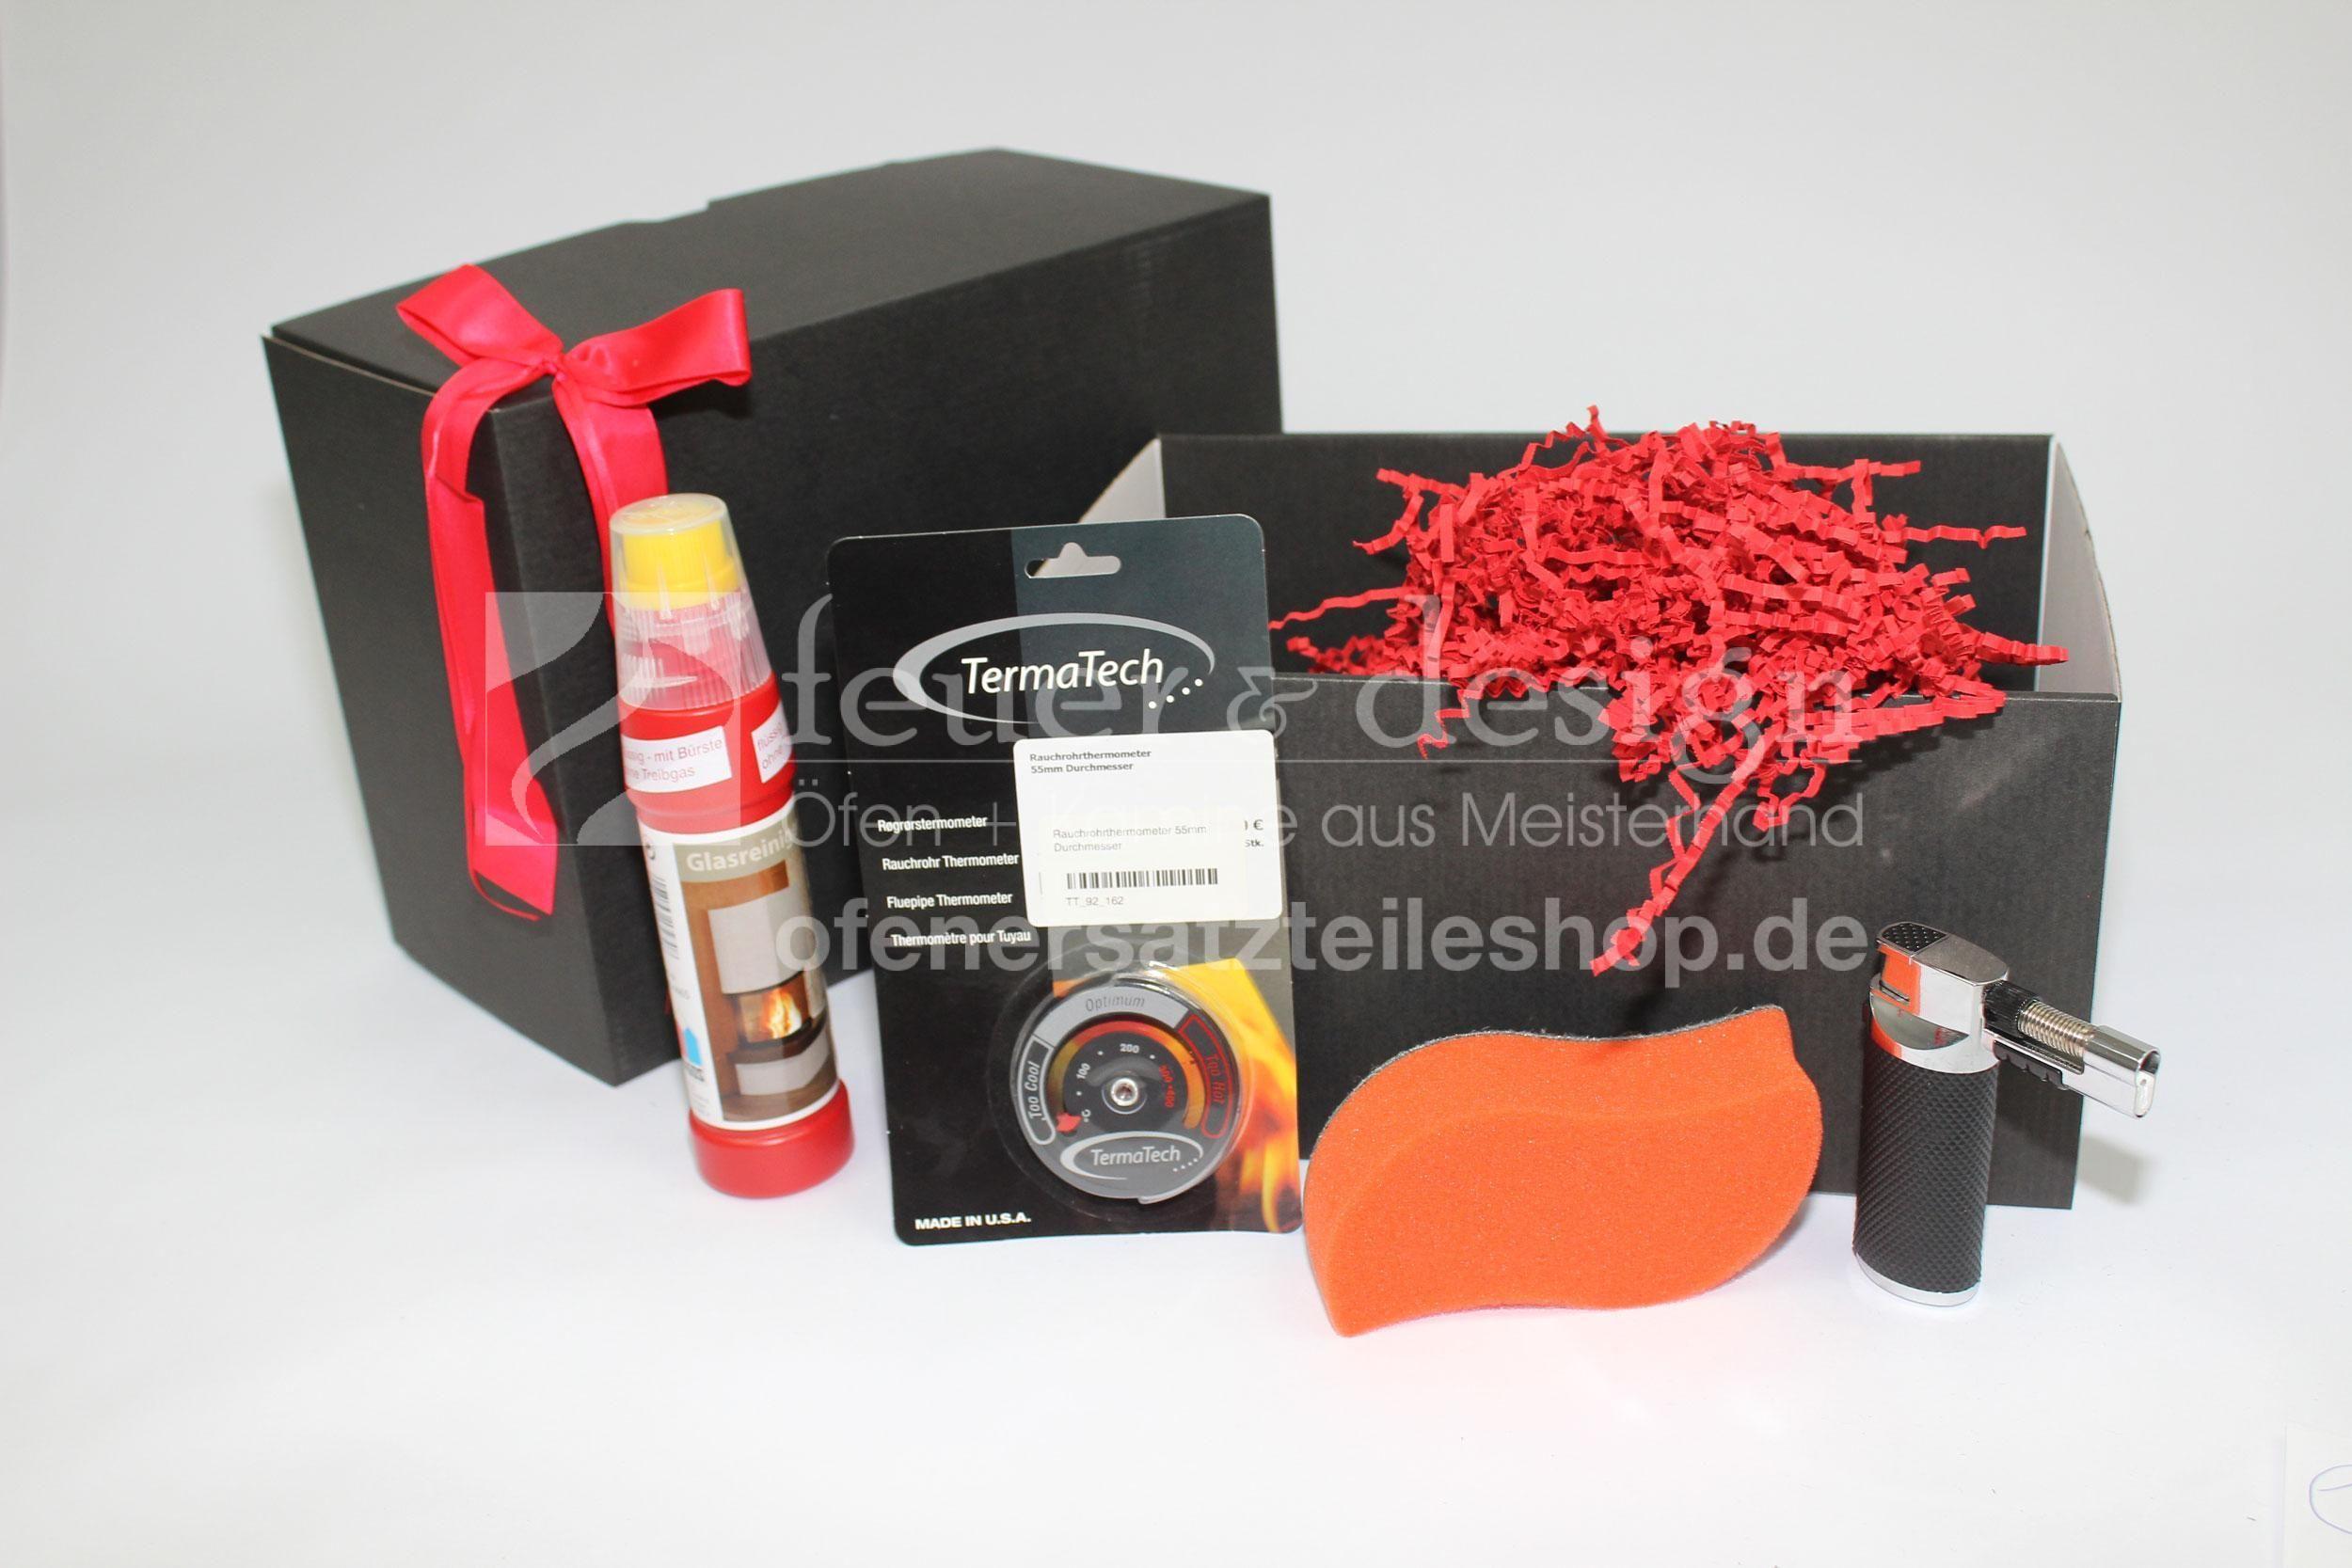 Pack im Karton flamme/' 40er Kamin und Grillanzünder /'feuer